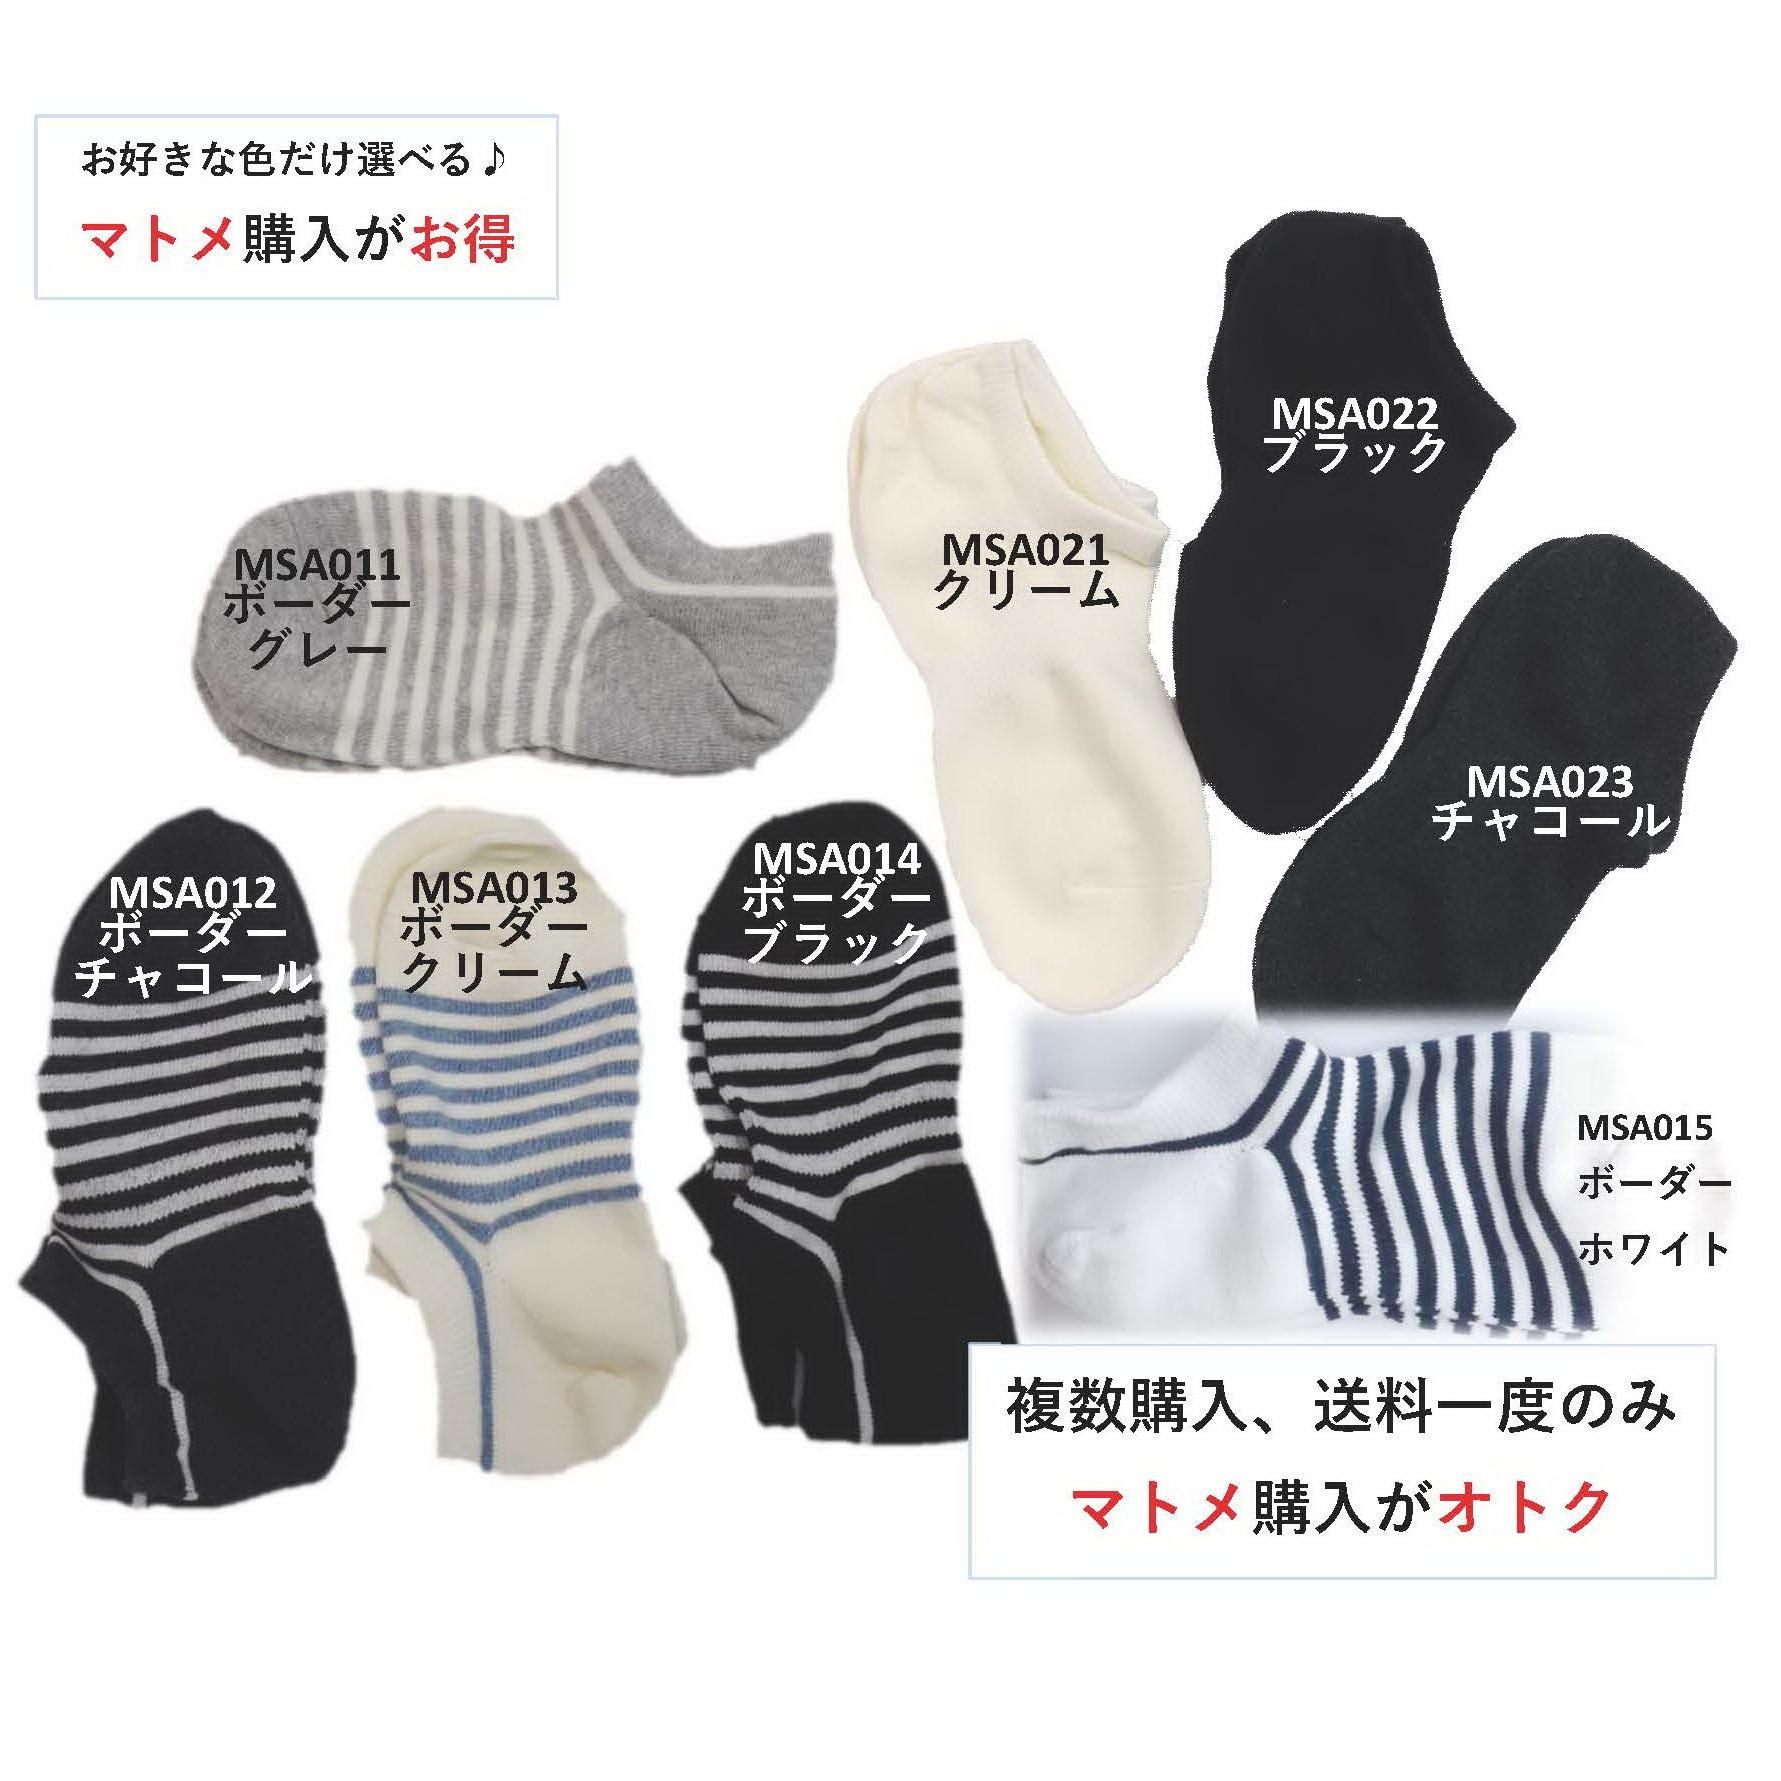 【マトメ購入がお得】靴下 コットン メンズ ビジネス 吸汗 通気性 抜群 選べる くるぶし ショート ソックス AGG Homes